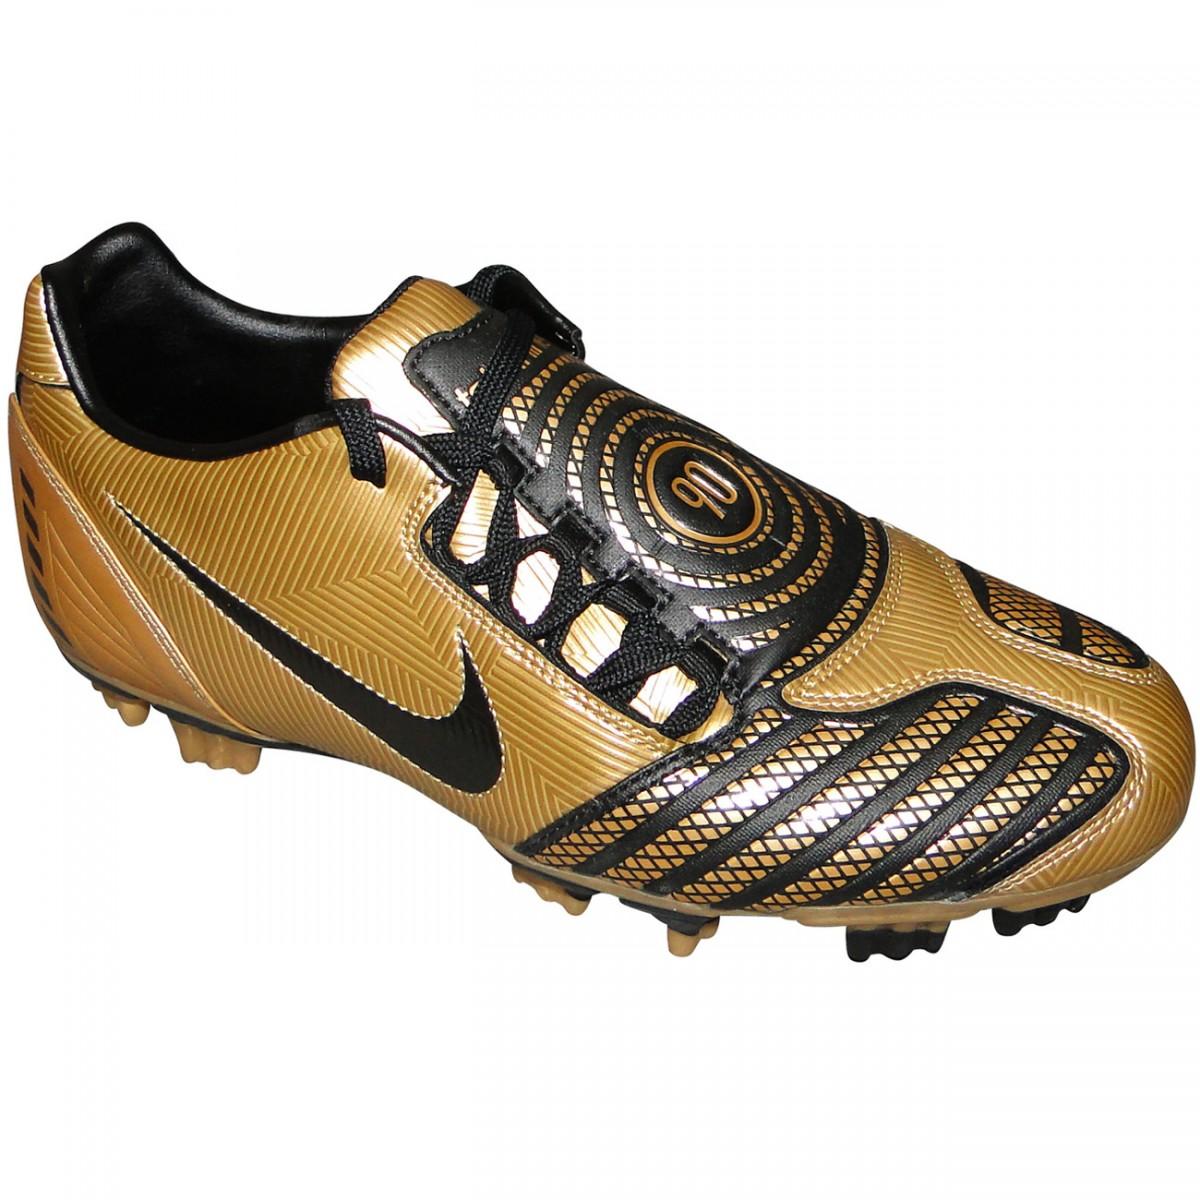 2b2bbb6d0 Chuteira Nike T90 Shoot 6017 - DOURADO/PRETO - Chuteira Nike, Adidas ...